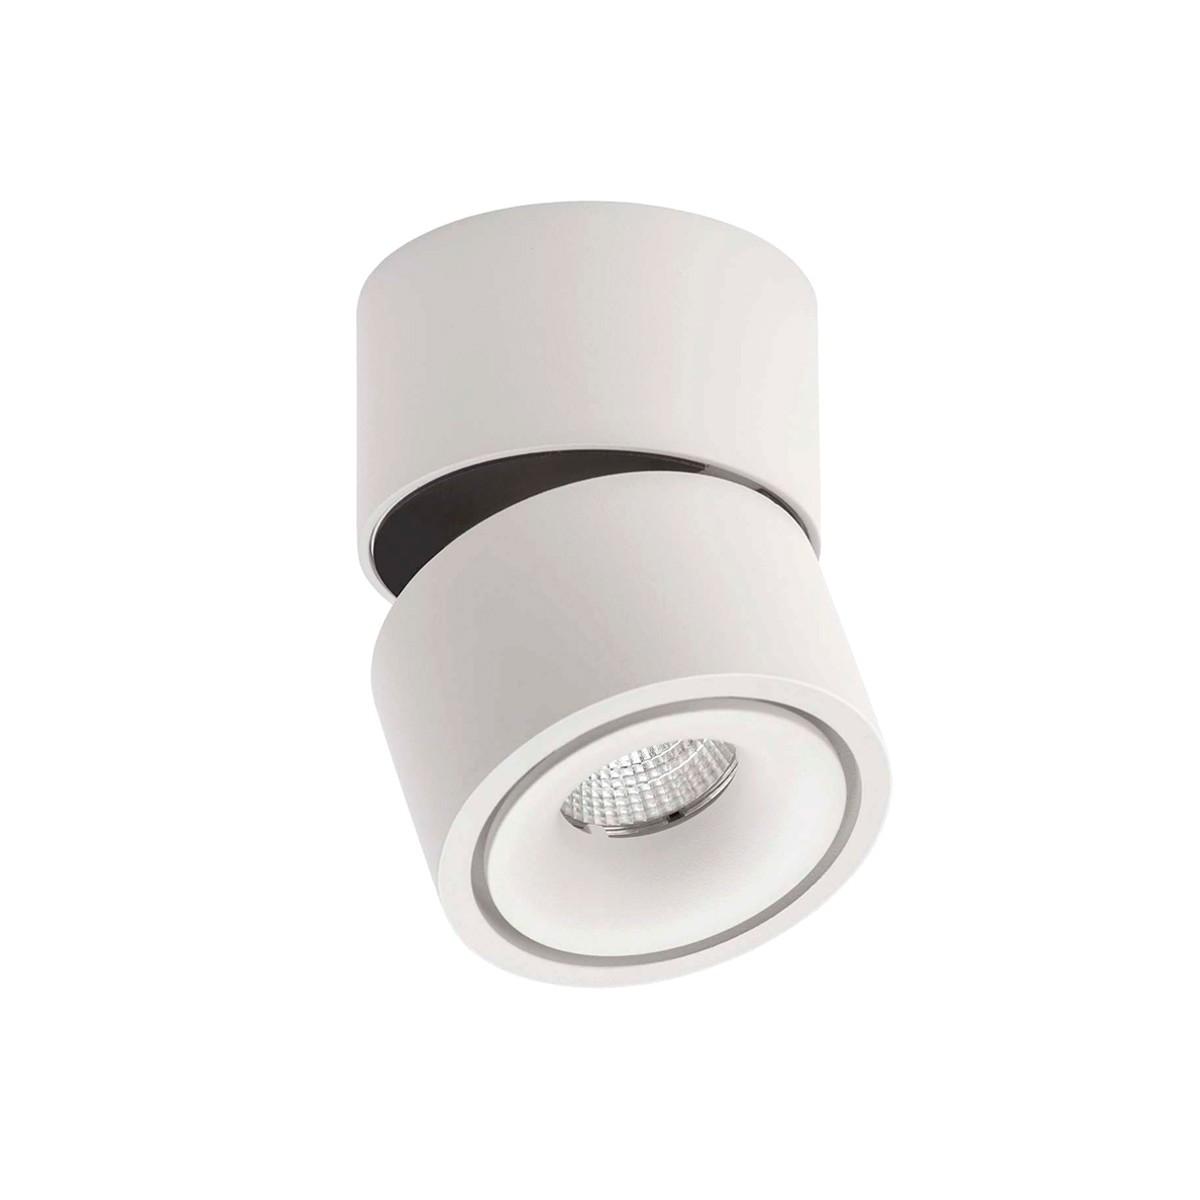 Lumexx Easy Mini LED Wand- / Deckenleuchte, weiß/schwarz